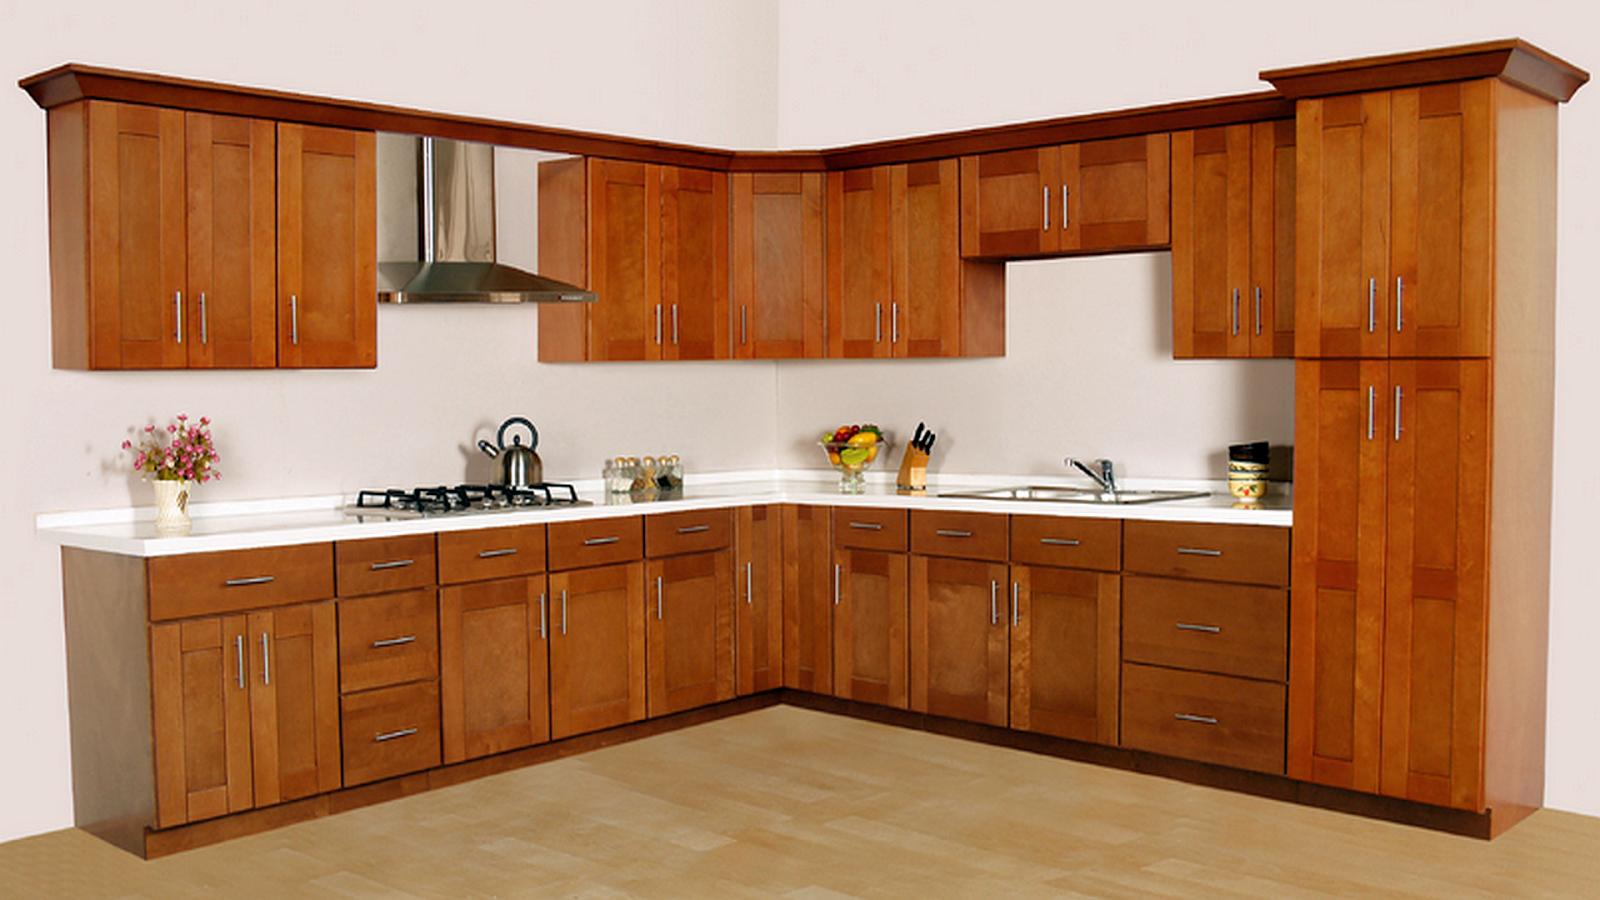 Inspirational 3d Kitchen Cabinet Design ~ SVM Houses